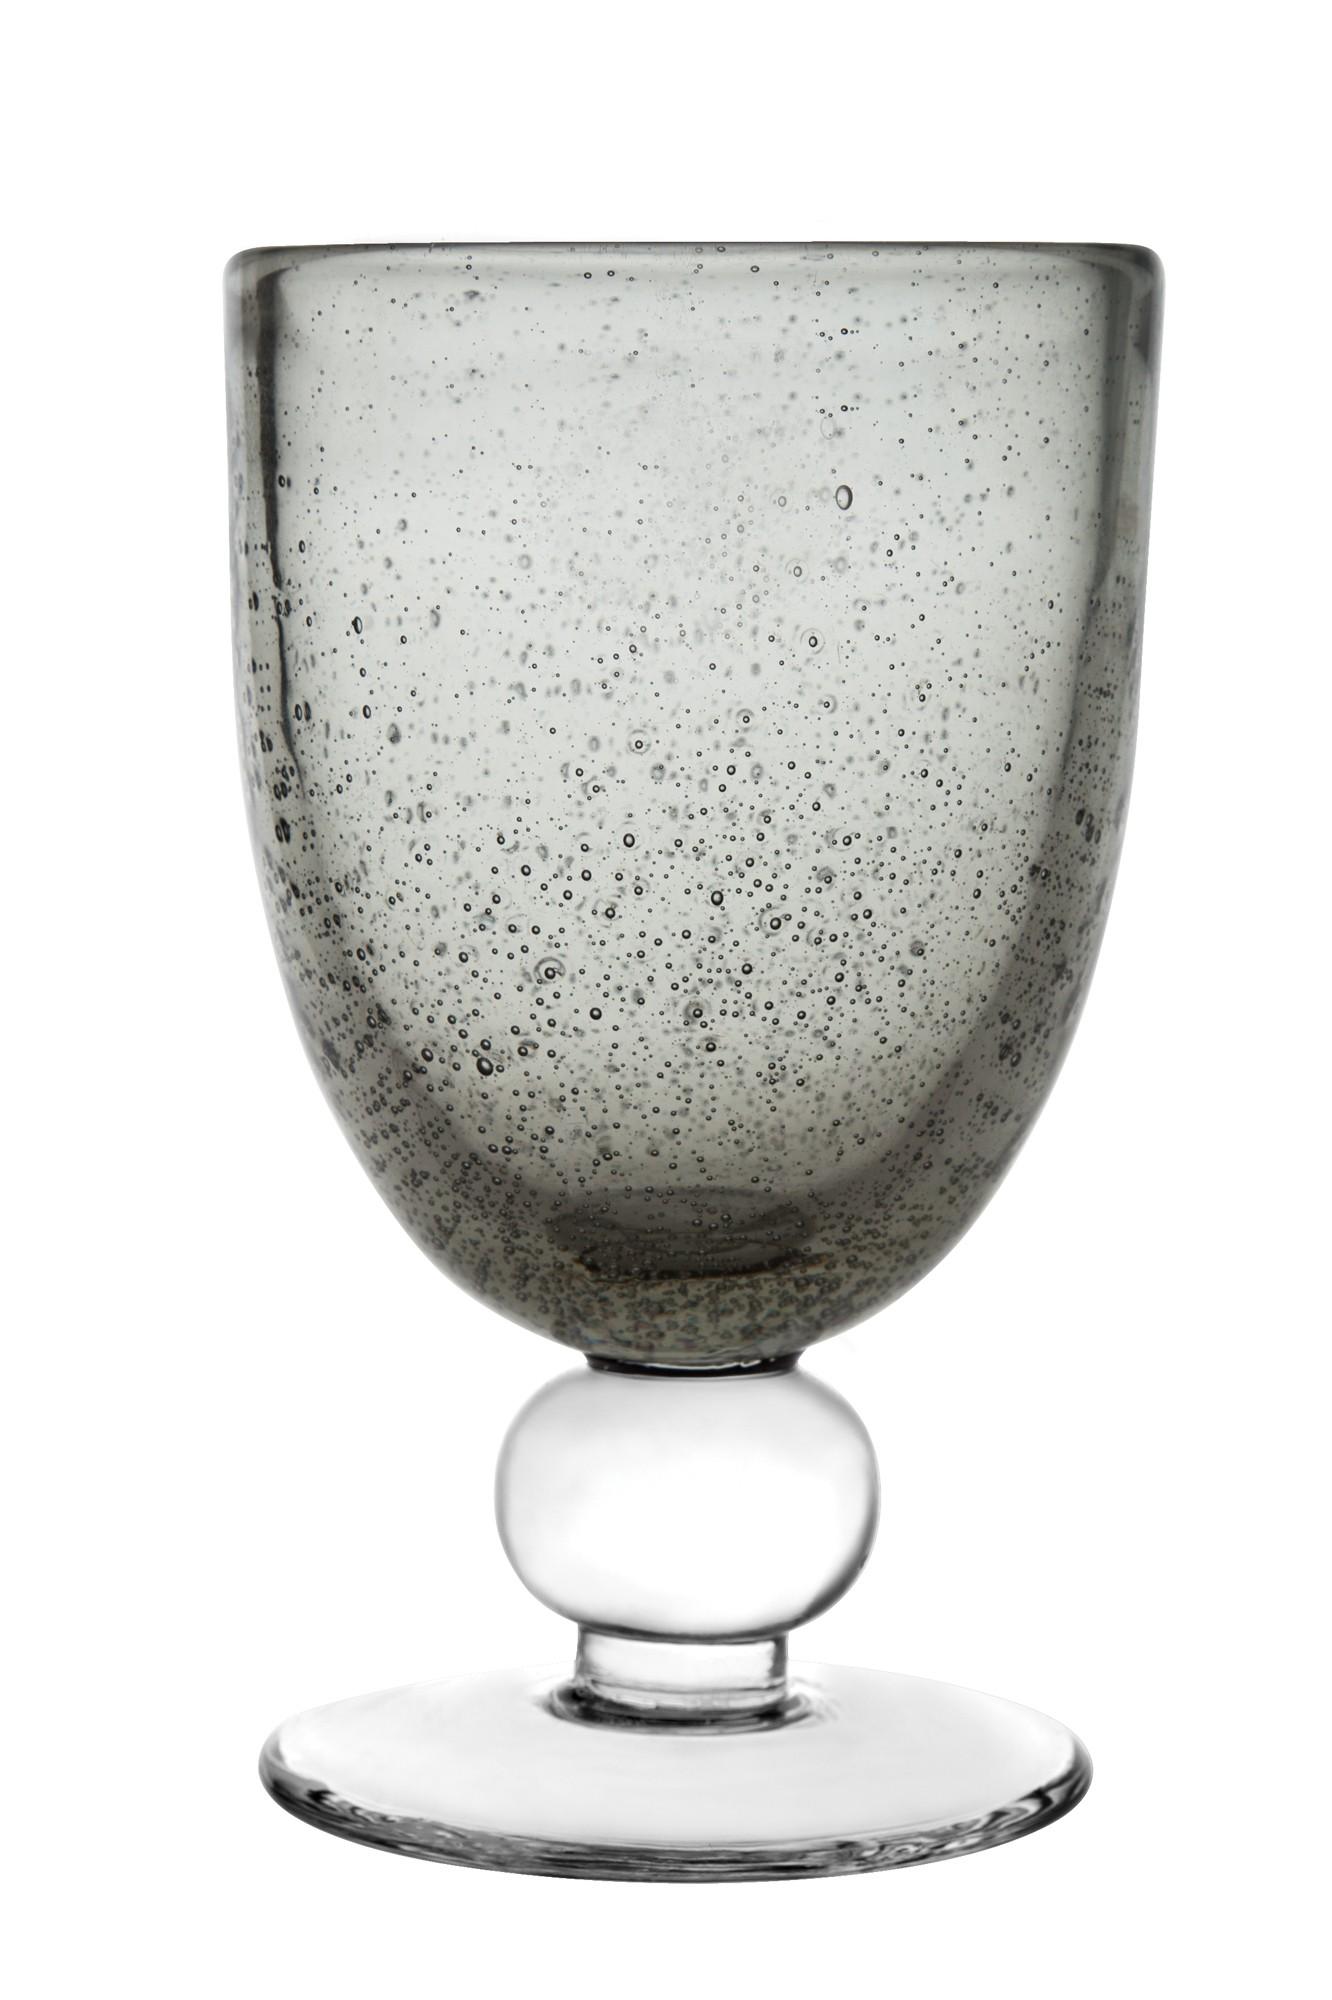 Ποτήρι Κρασιού Anise Smoke Σετ 6Τμχ 260ml Ionia home   ειδη σερβιρισματος   ποτήρια